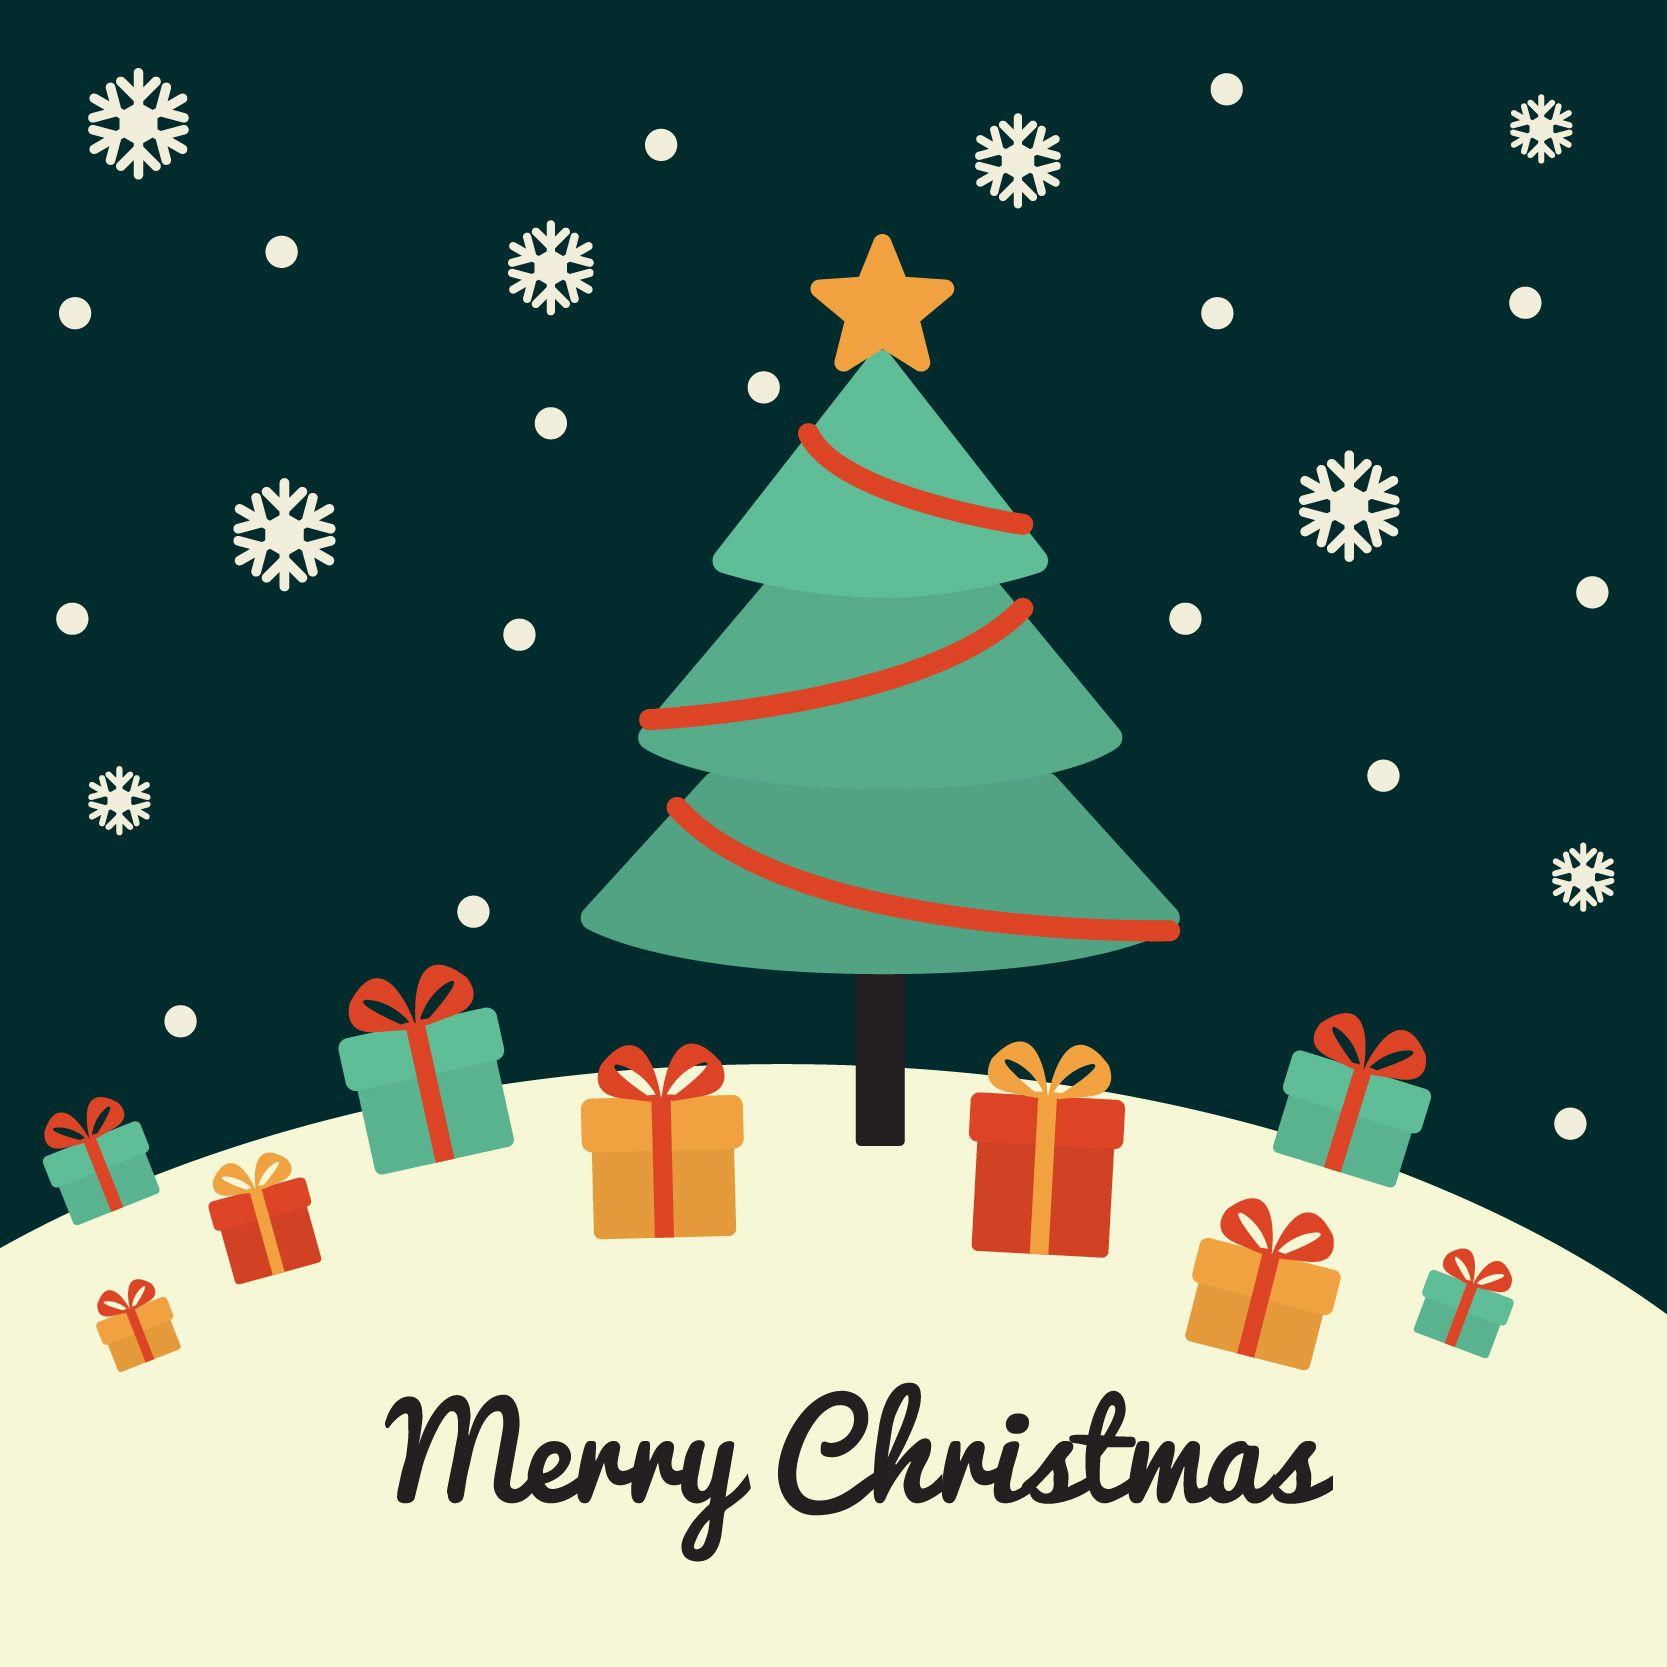 Freepik risorse grafiche per tutti biglietto natalizio